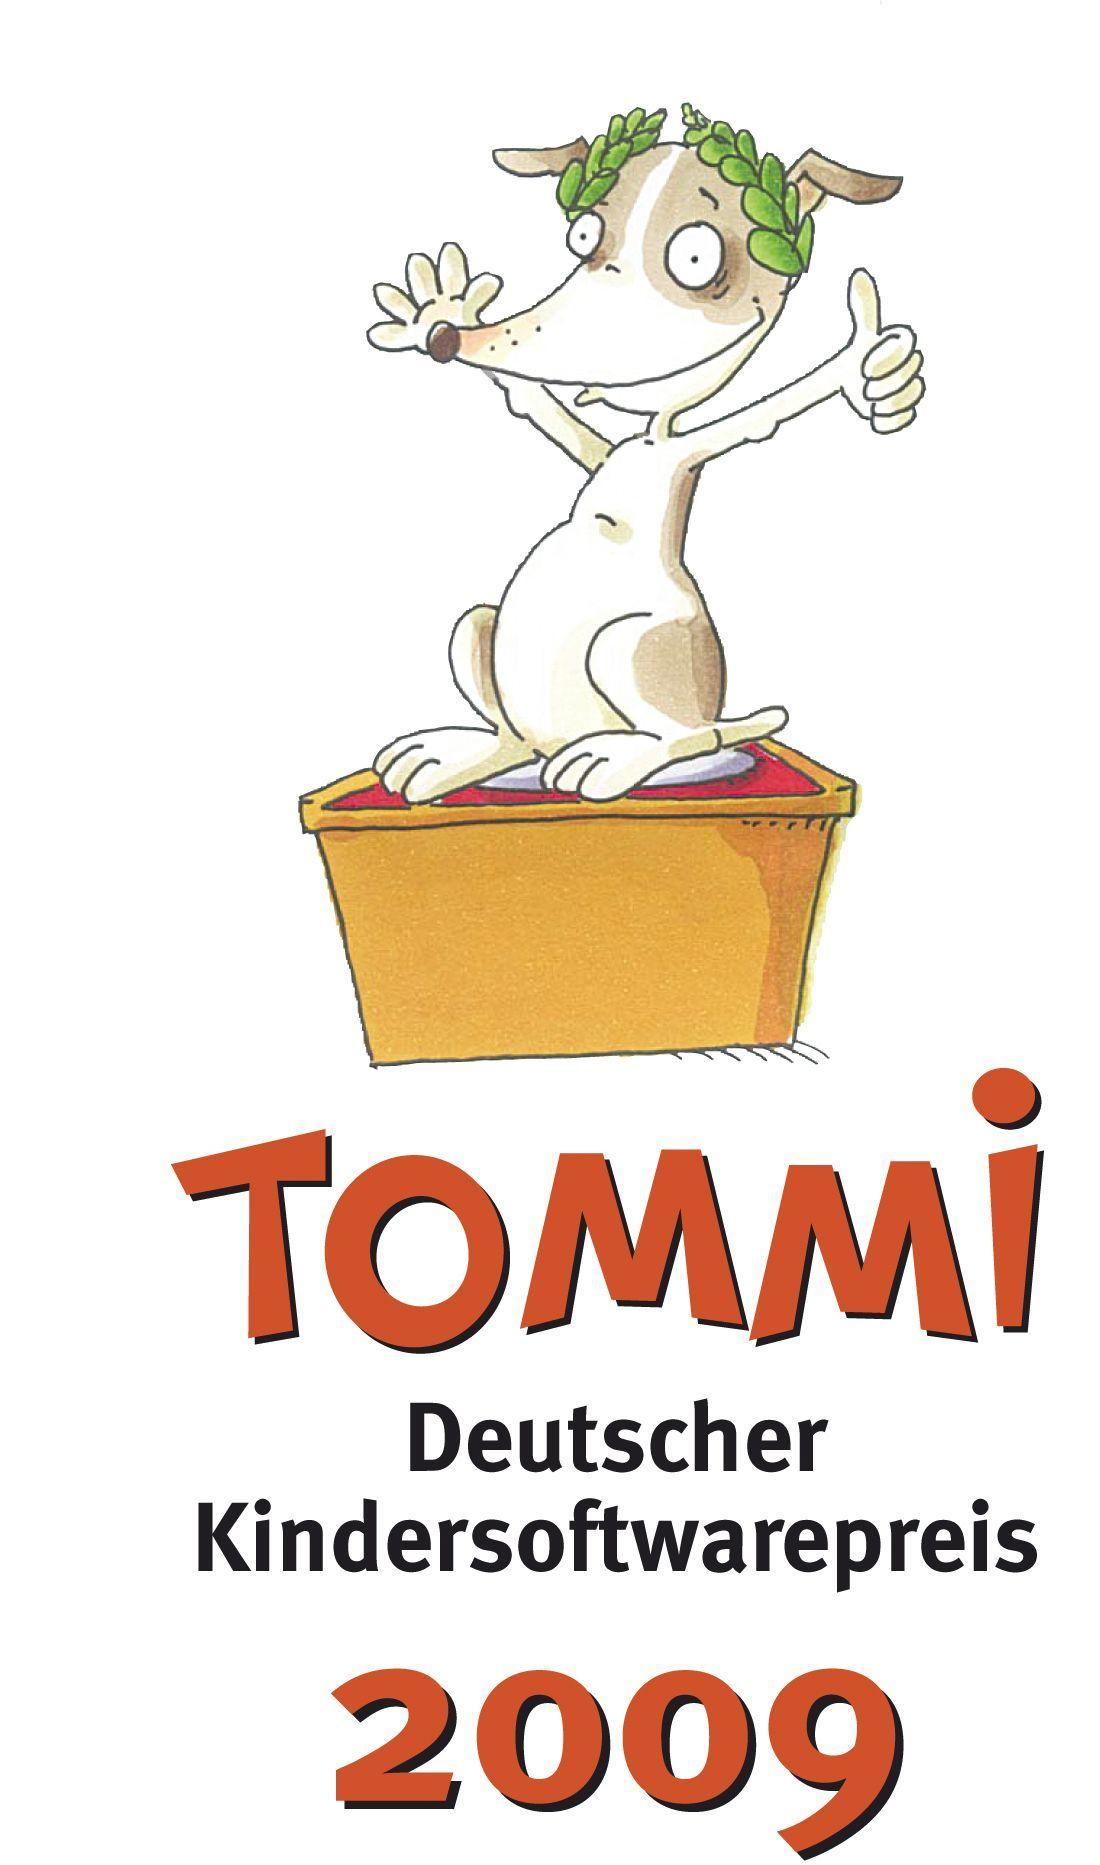 Tommi / Logo / Deutscher Kindersoftwarepreis